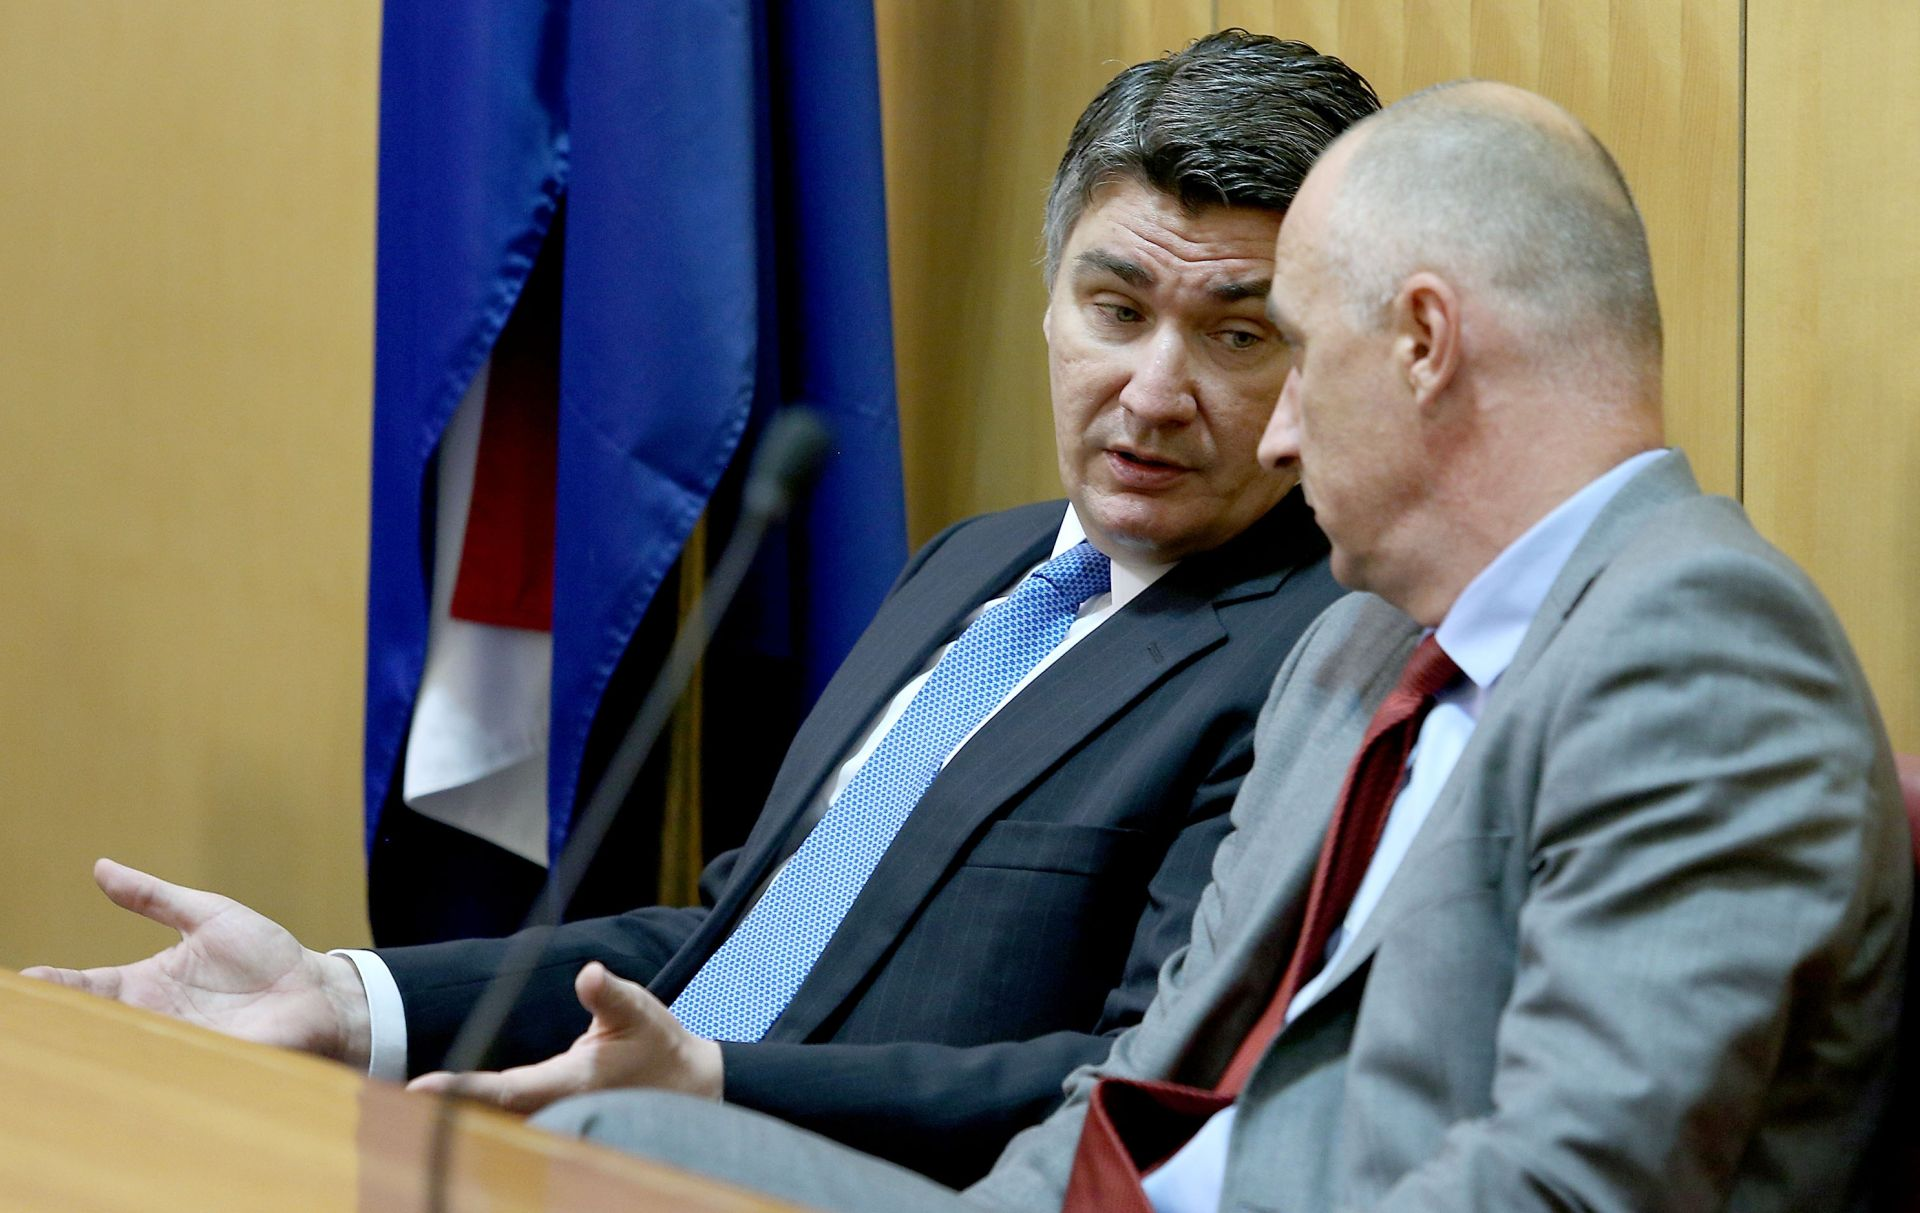 POSTIGNUT DOGOVOR SDP-a I HNS-a: Potpisivanje koalicijskog sporazuma u subotu